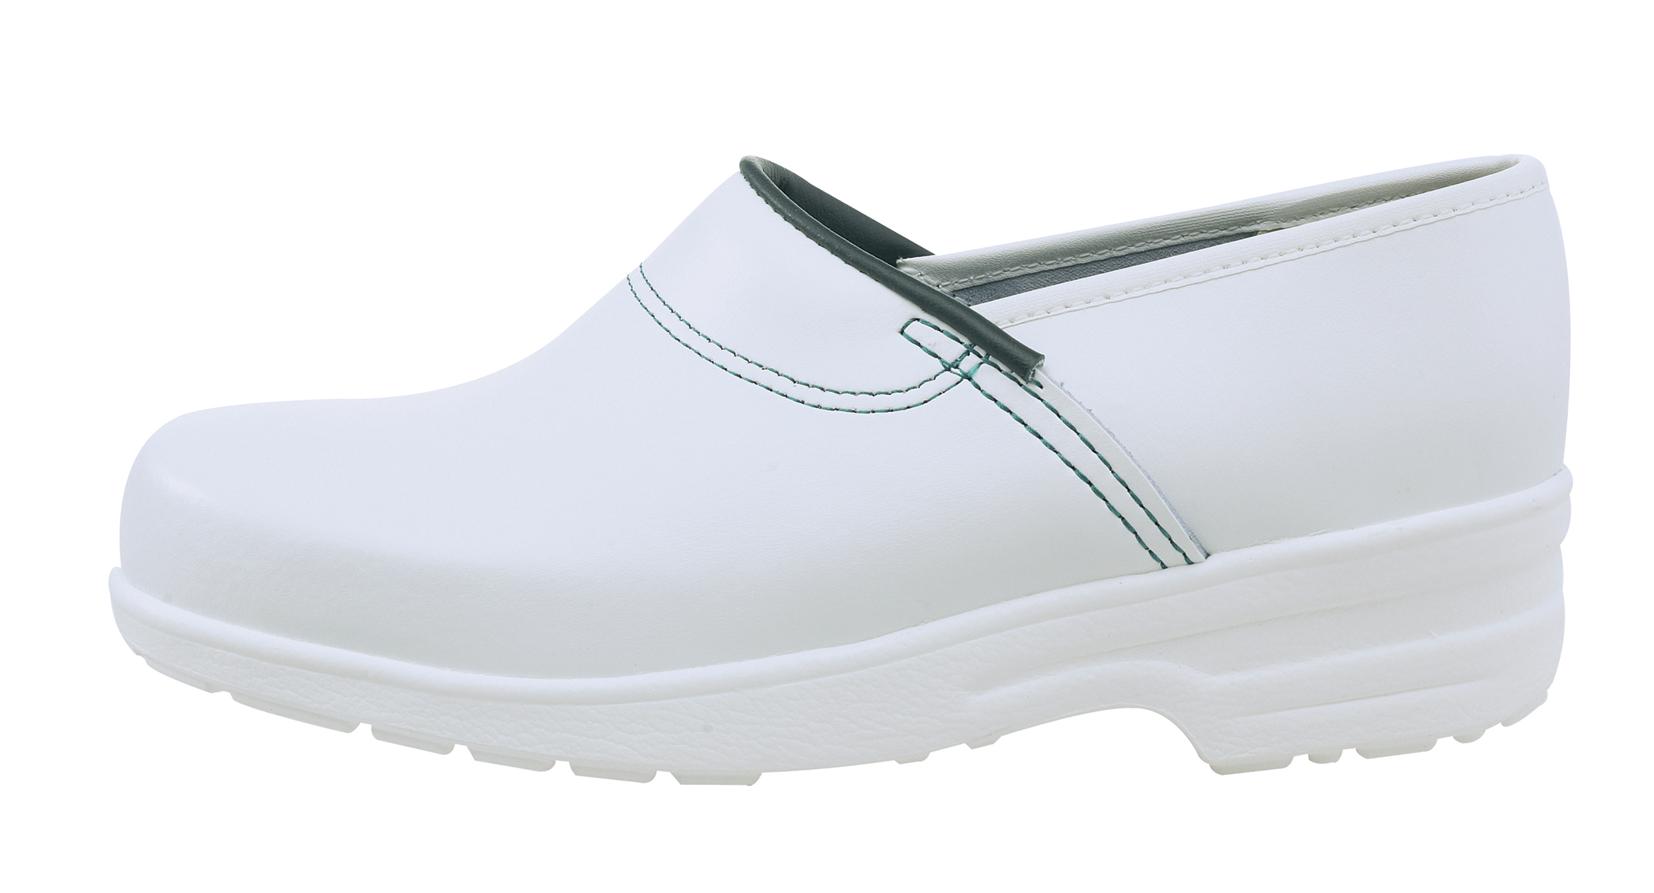 Træsko HKSDK m/k u/si hvid N86